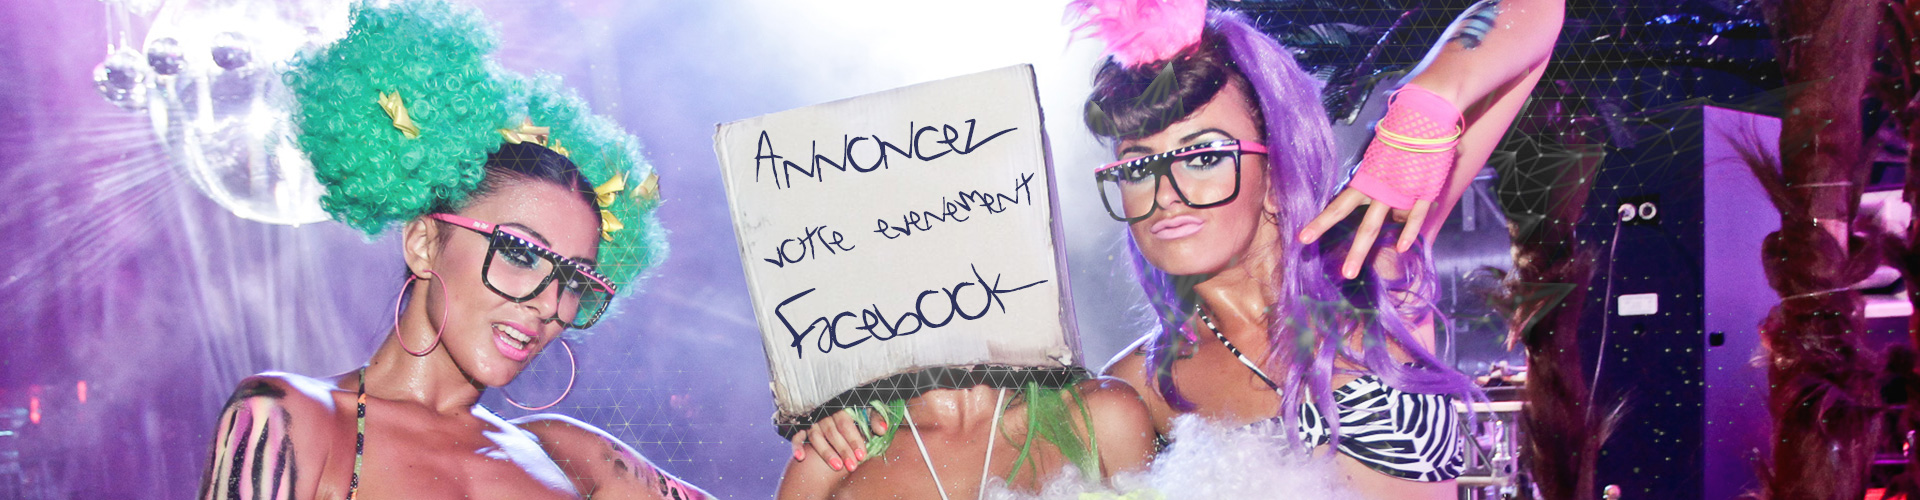 Votre événement sur Facebook